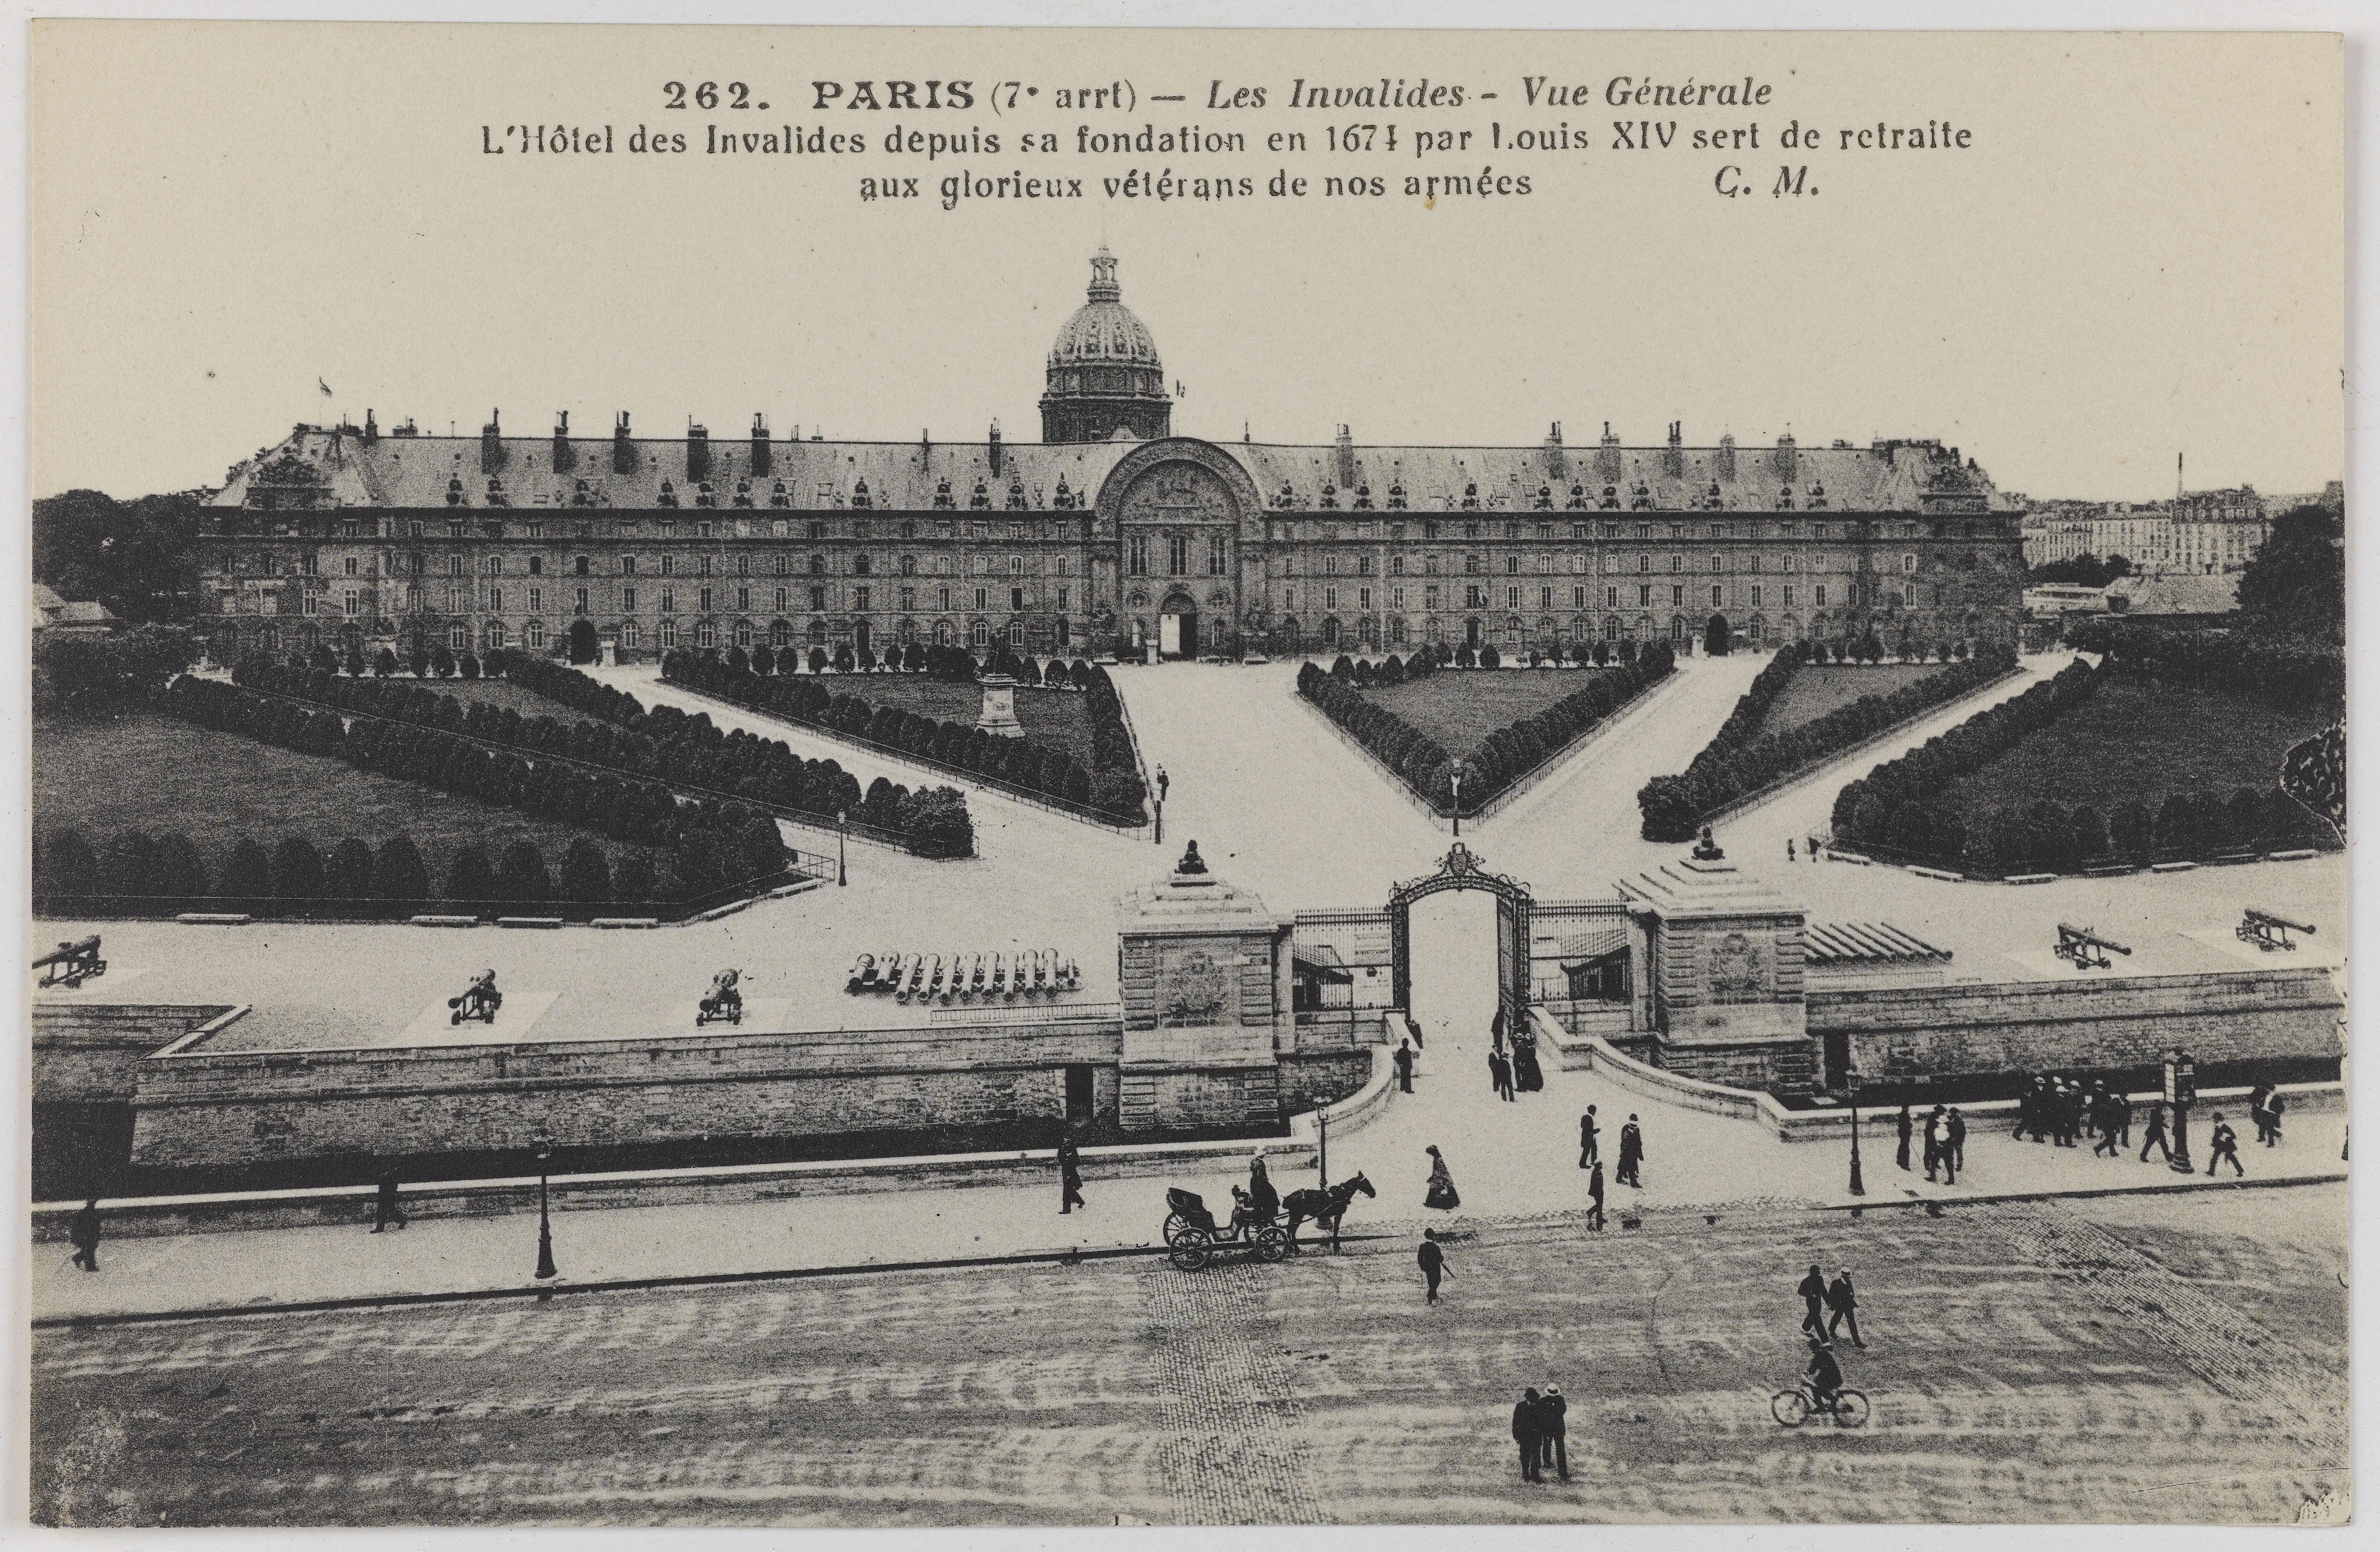 Hôtel des Invalides, place des Invalides, Vue générale. Paris (7e arr.). Carte postale, 9x 13,7 cm, s. d.